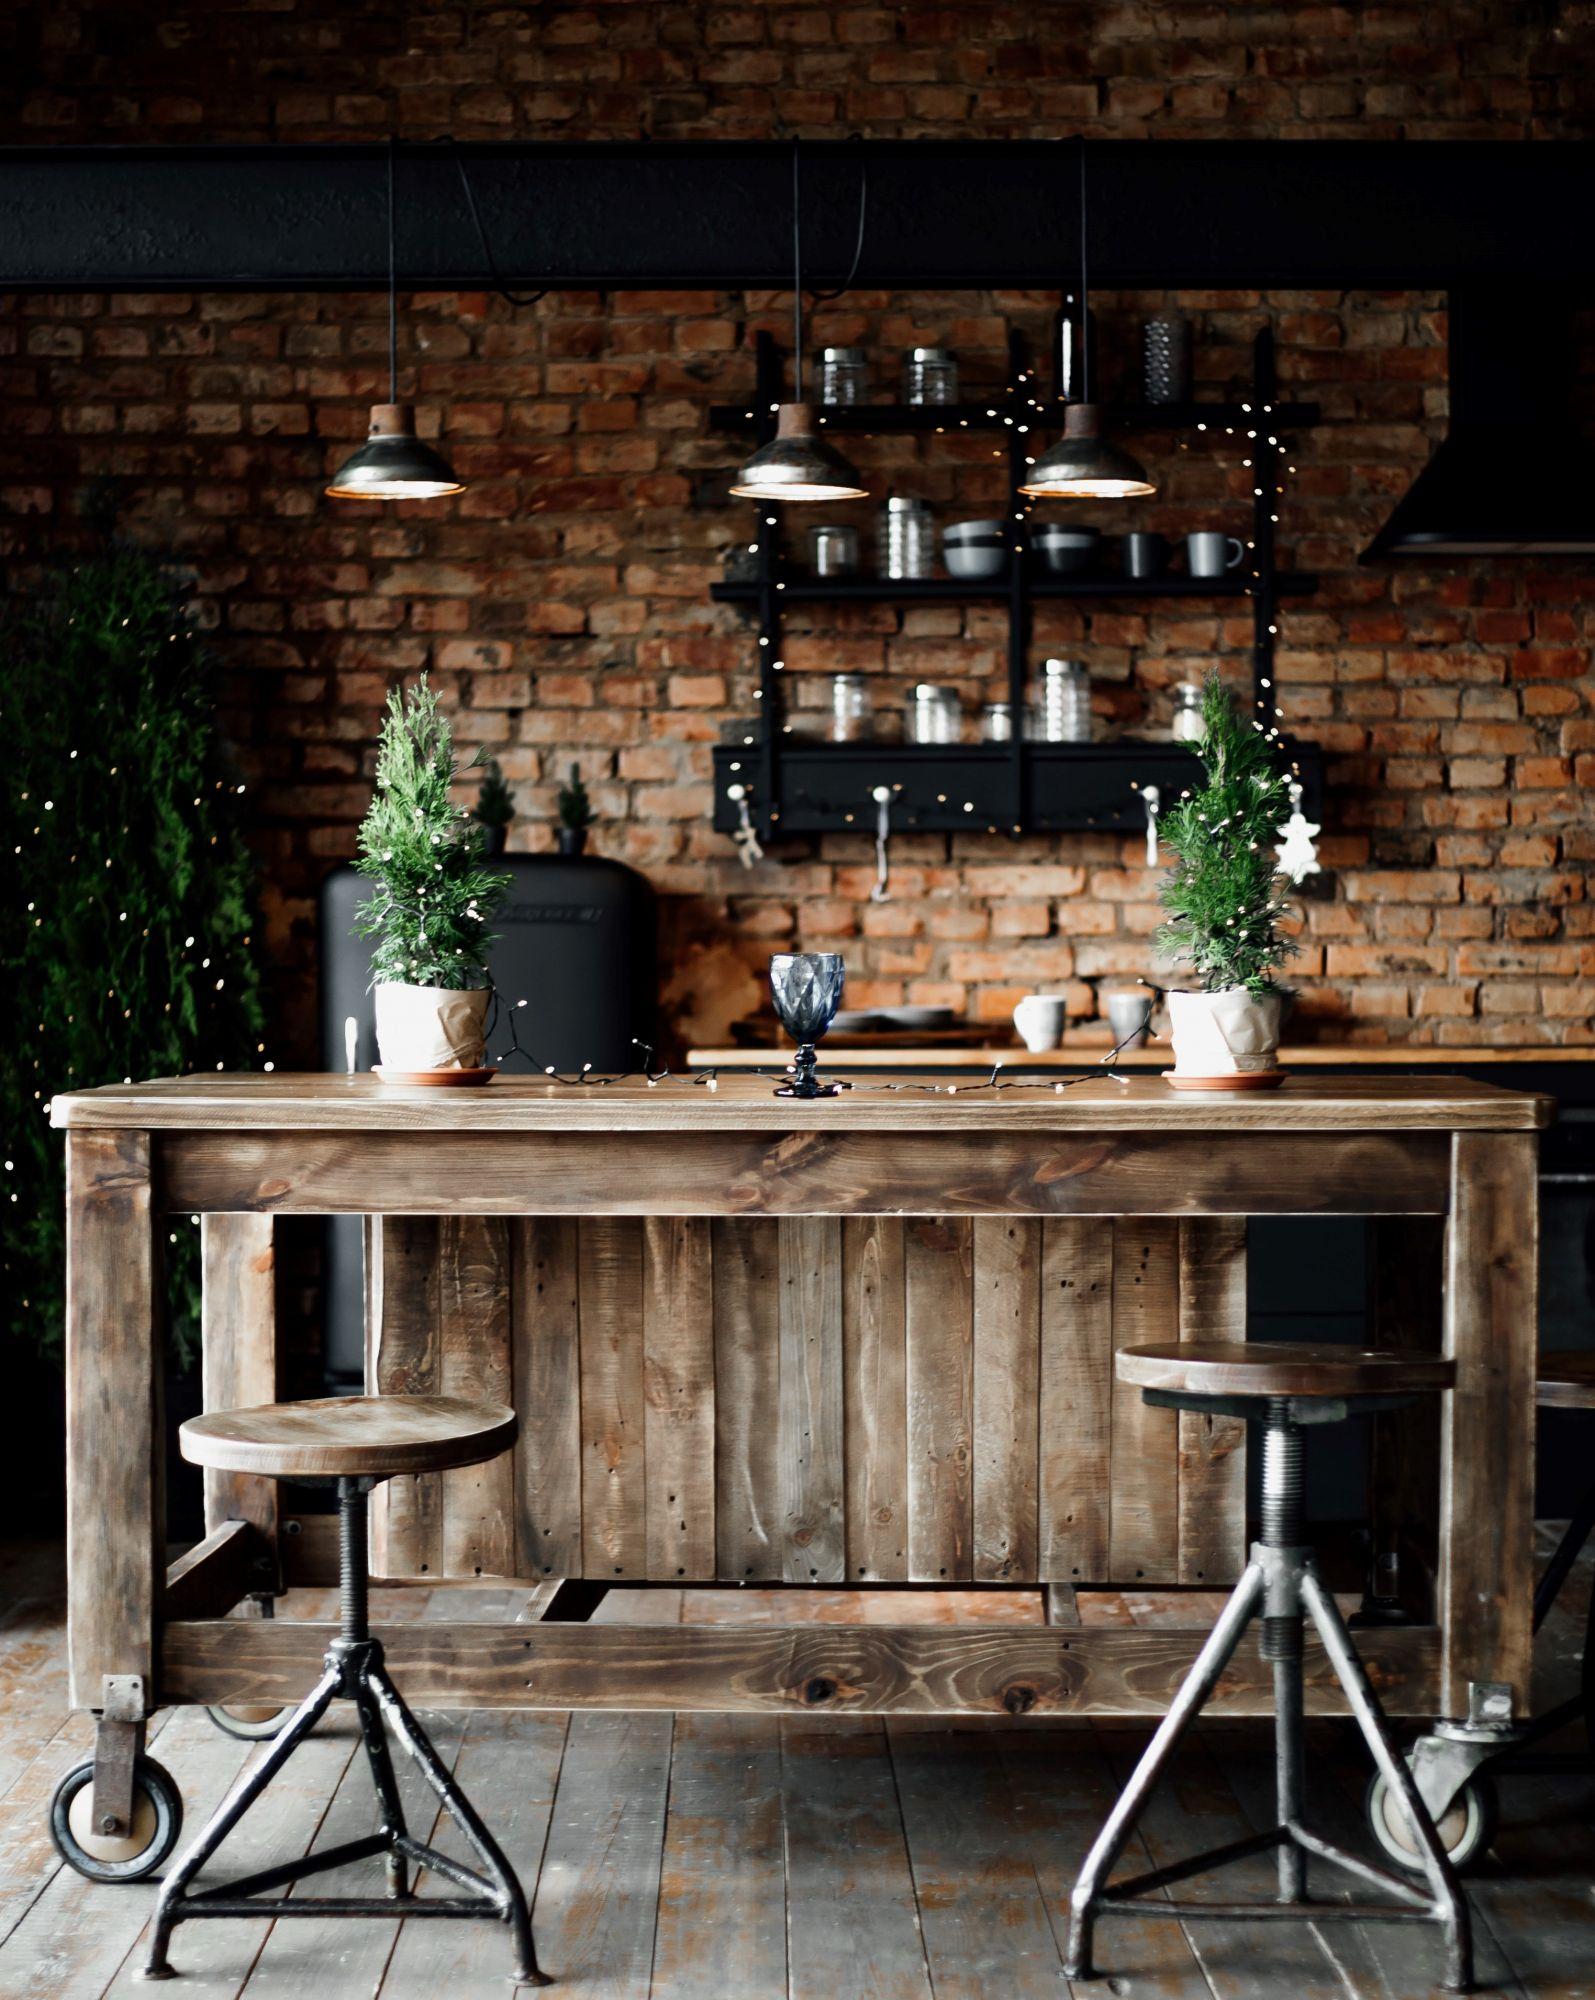 Mobili su ruote: come arredare coni idee pratiche gli ambienti di casa